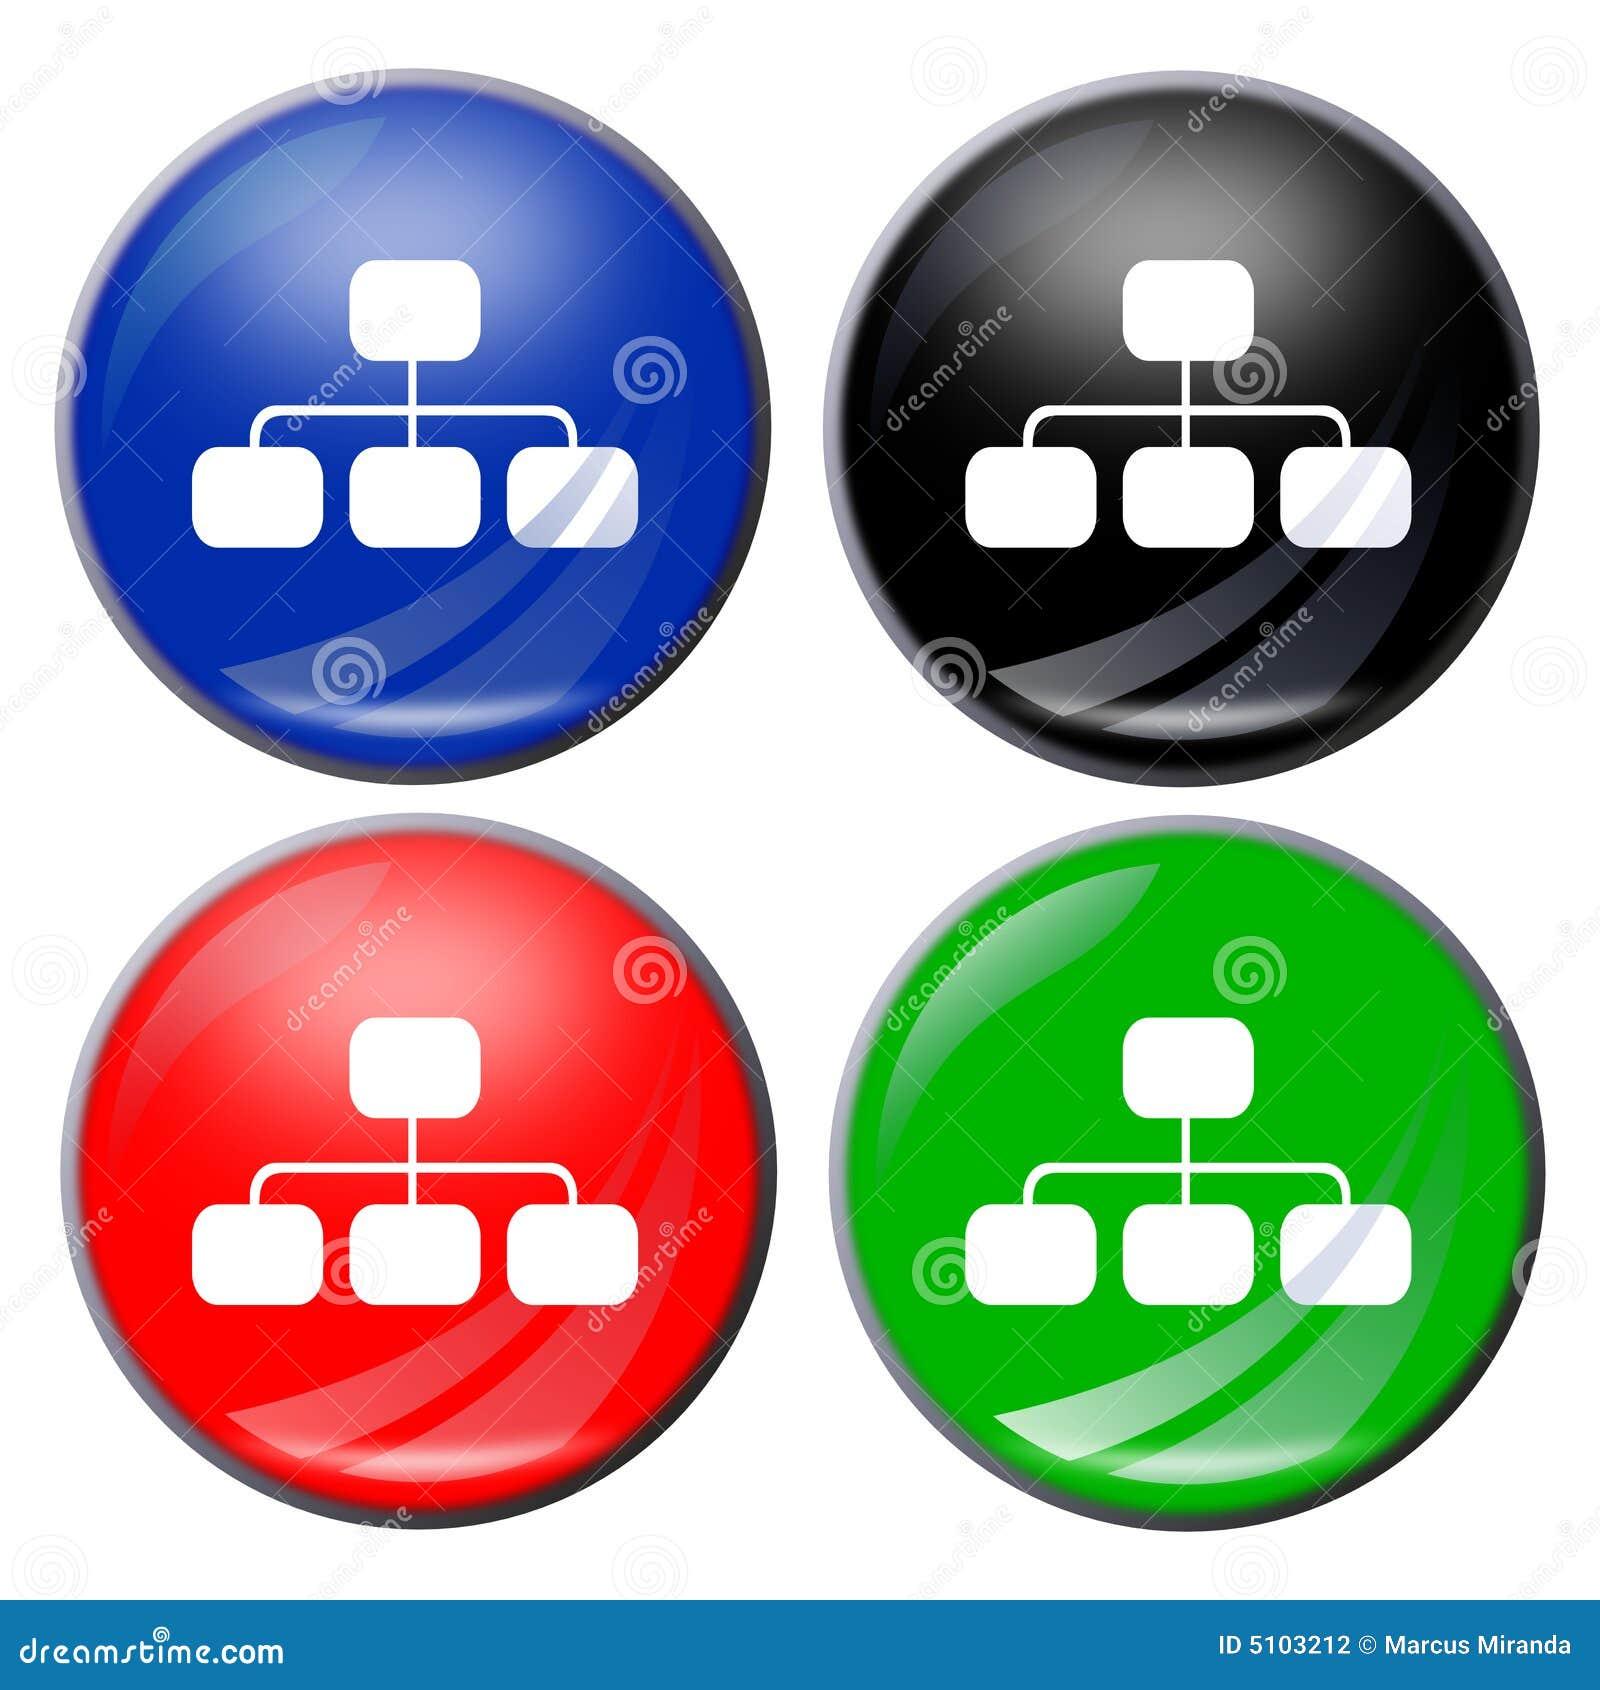 Flowchart button